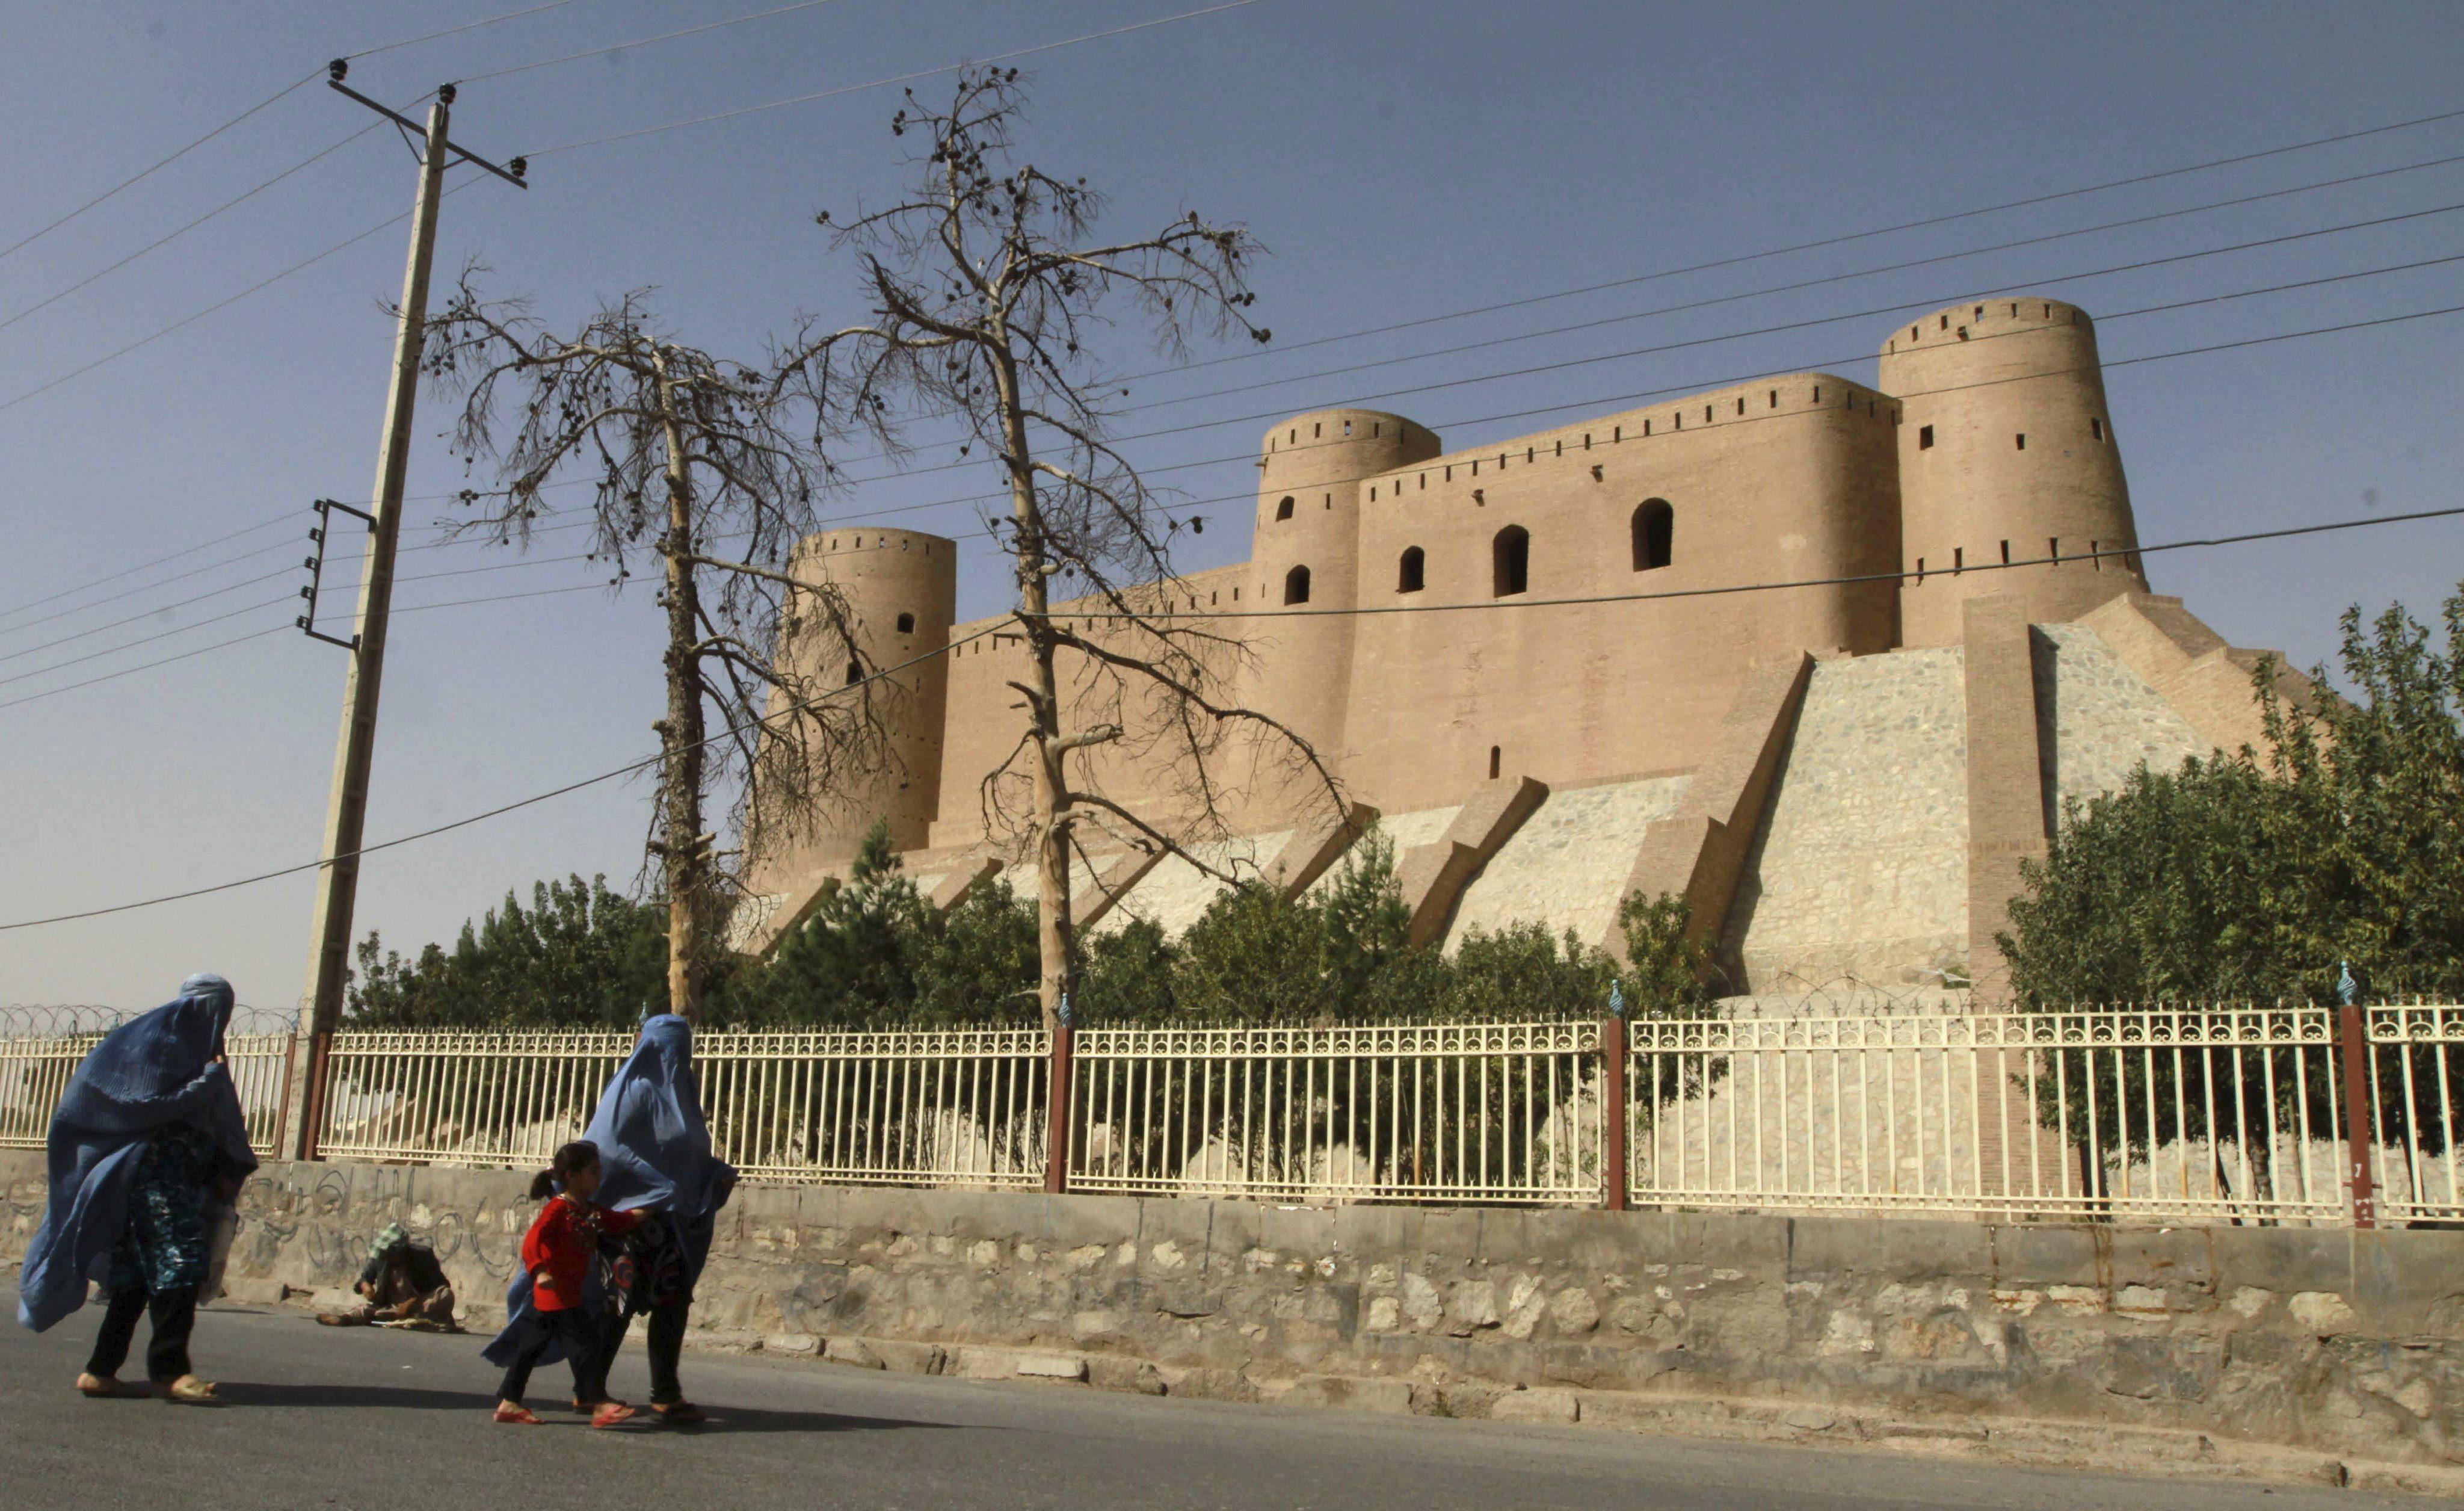 Un comando talibán ataca el consulado de EEUU en la ciudad afgana de Herat